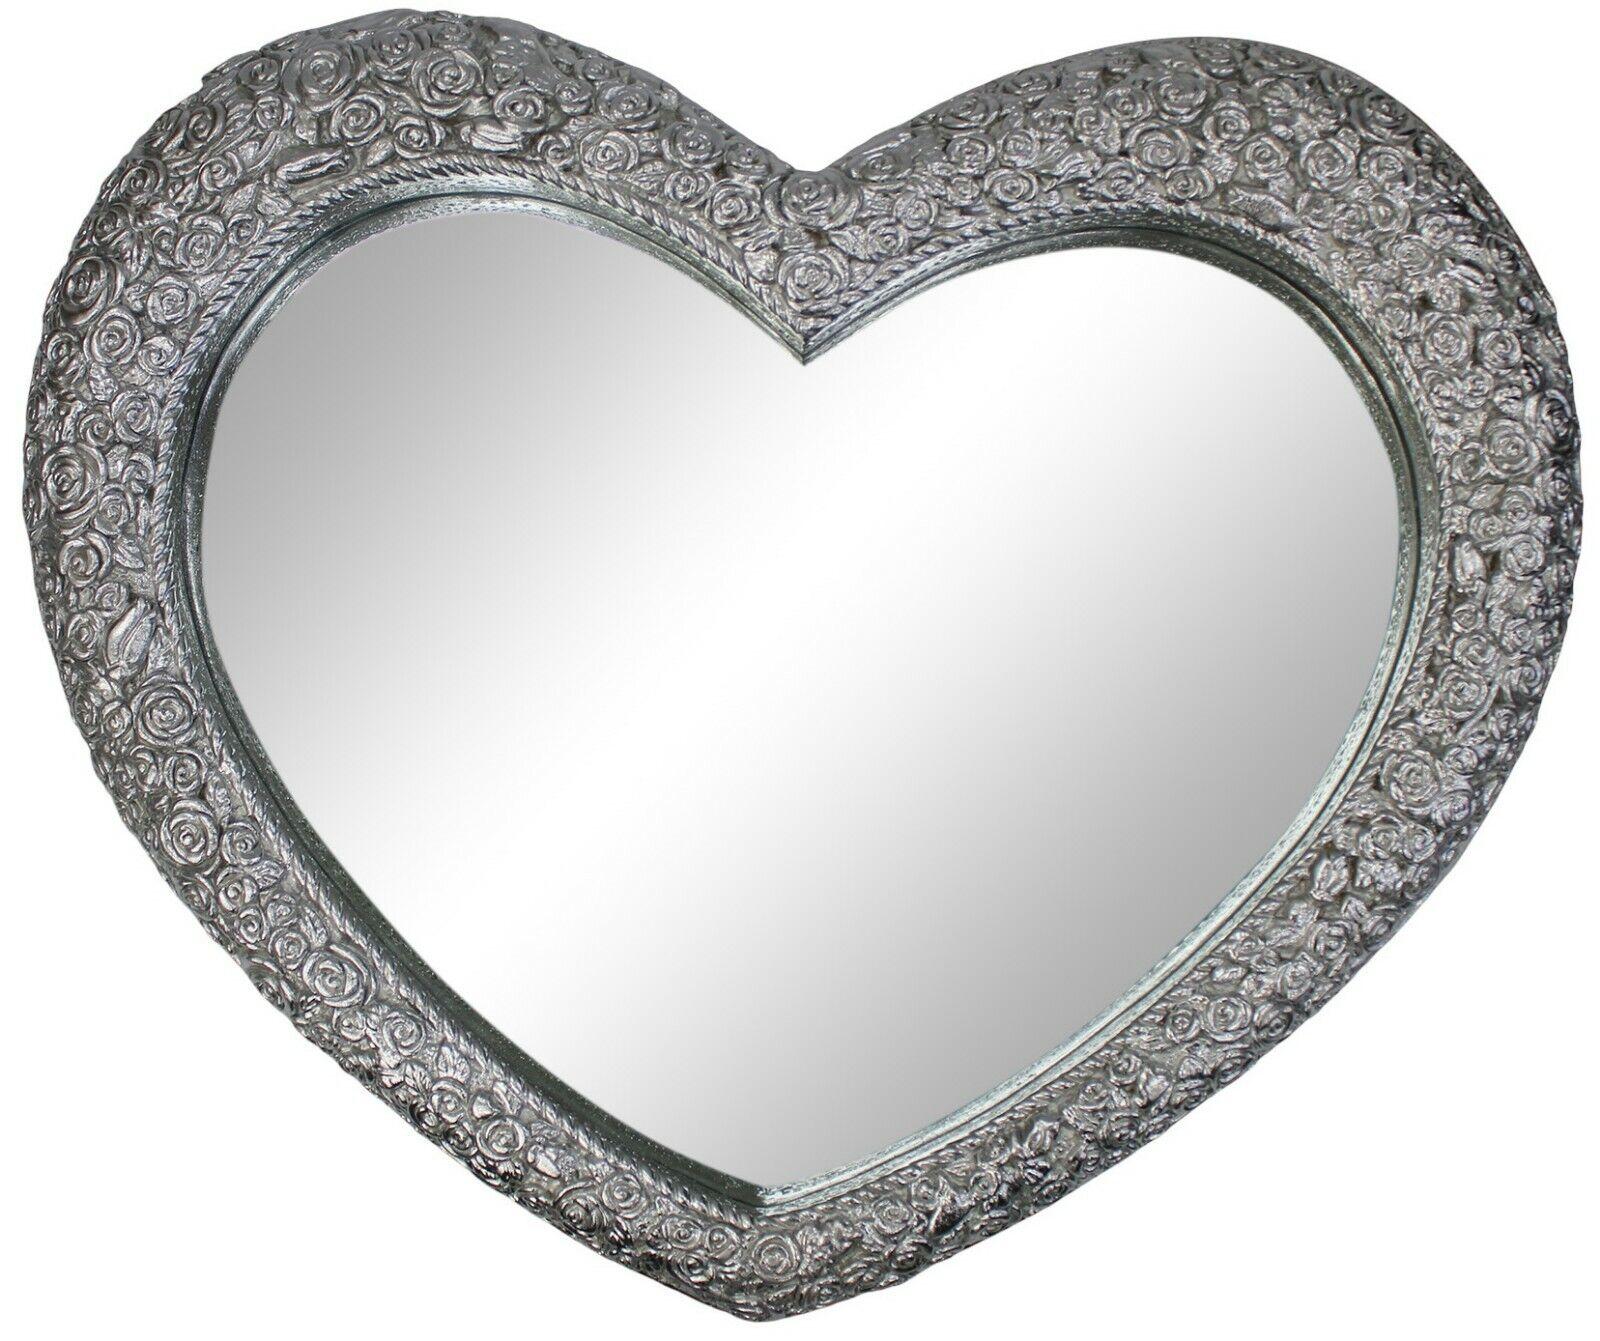 Groß Kunstvoll Antik Französisch Herzförmig Silber Wand Spiegel 77cm X 64cm